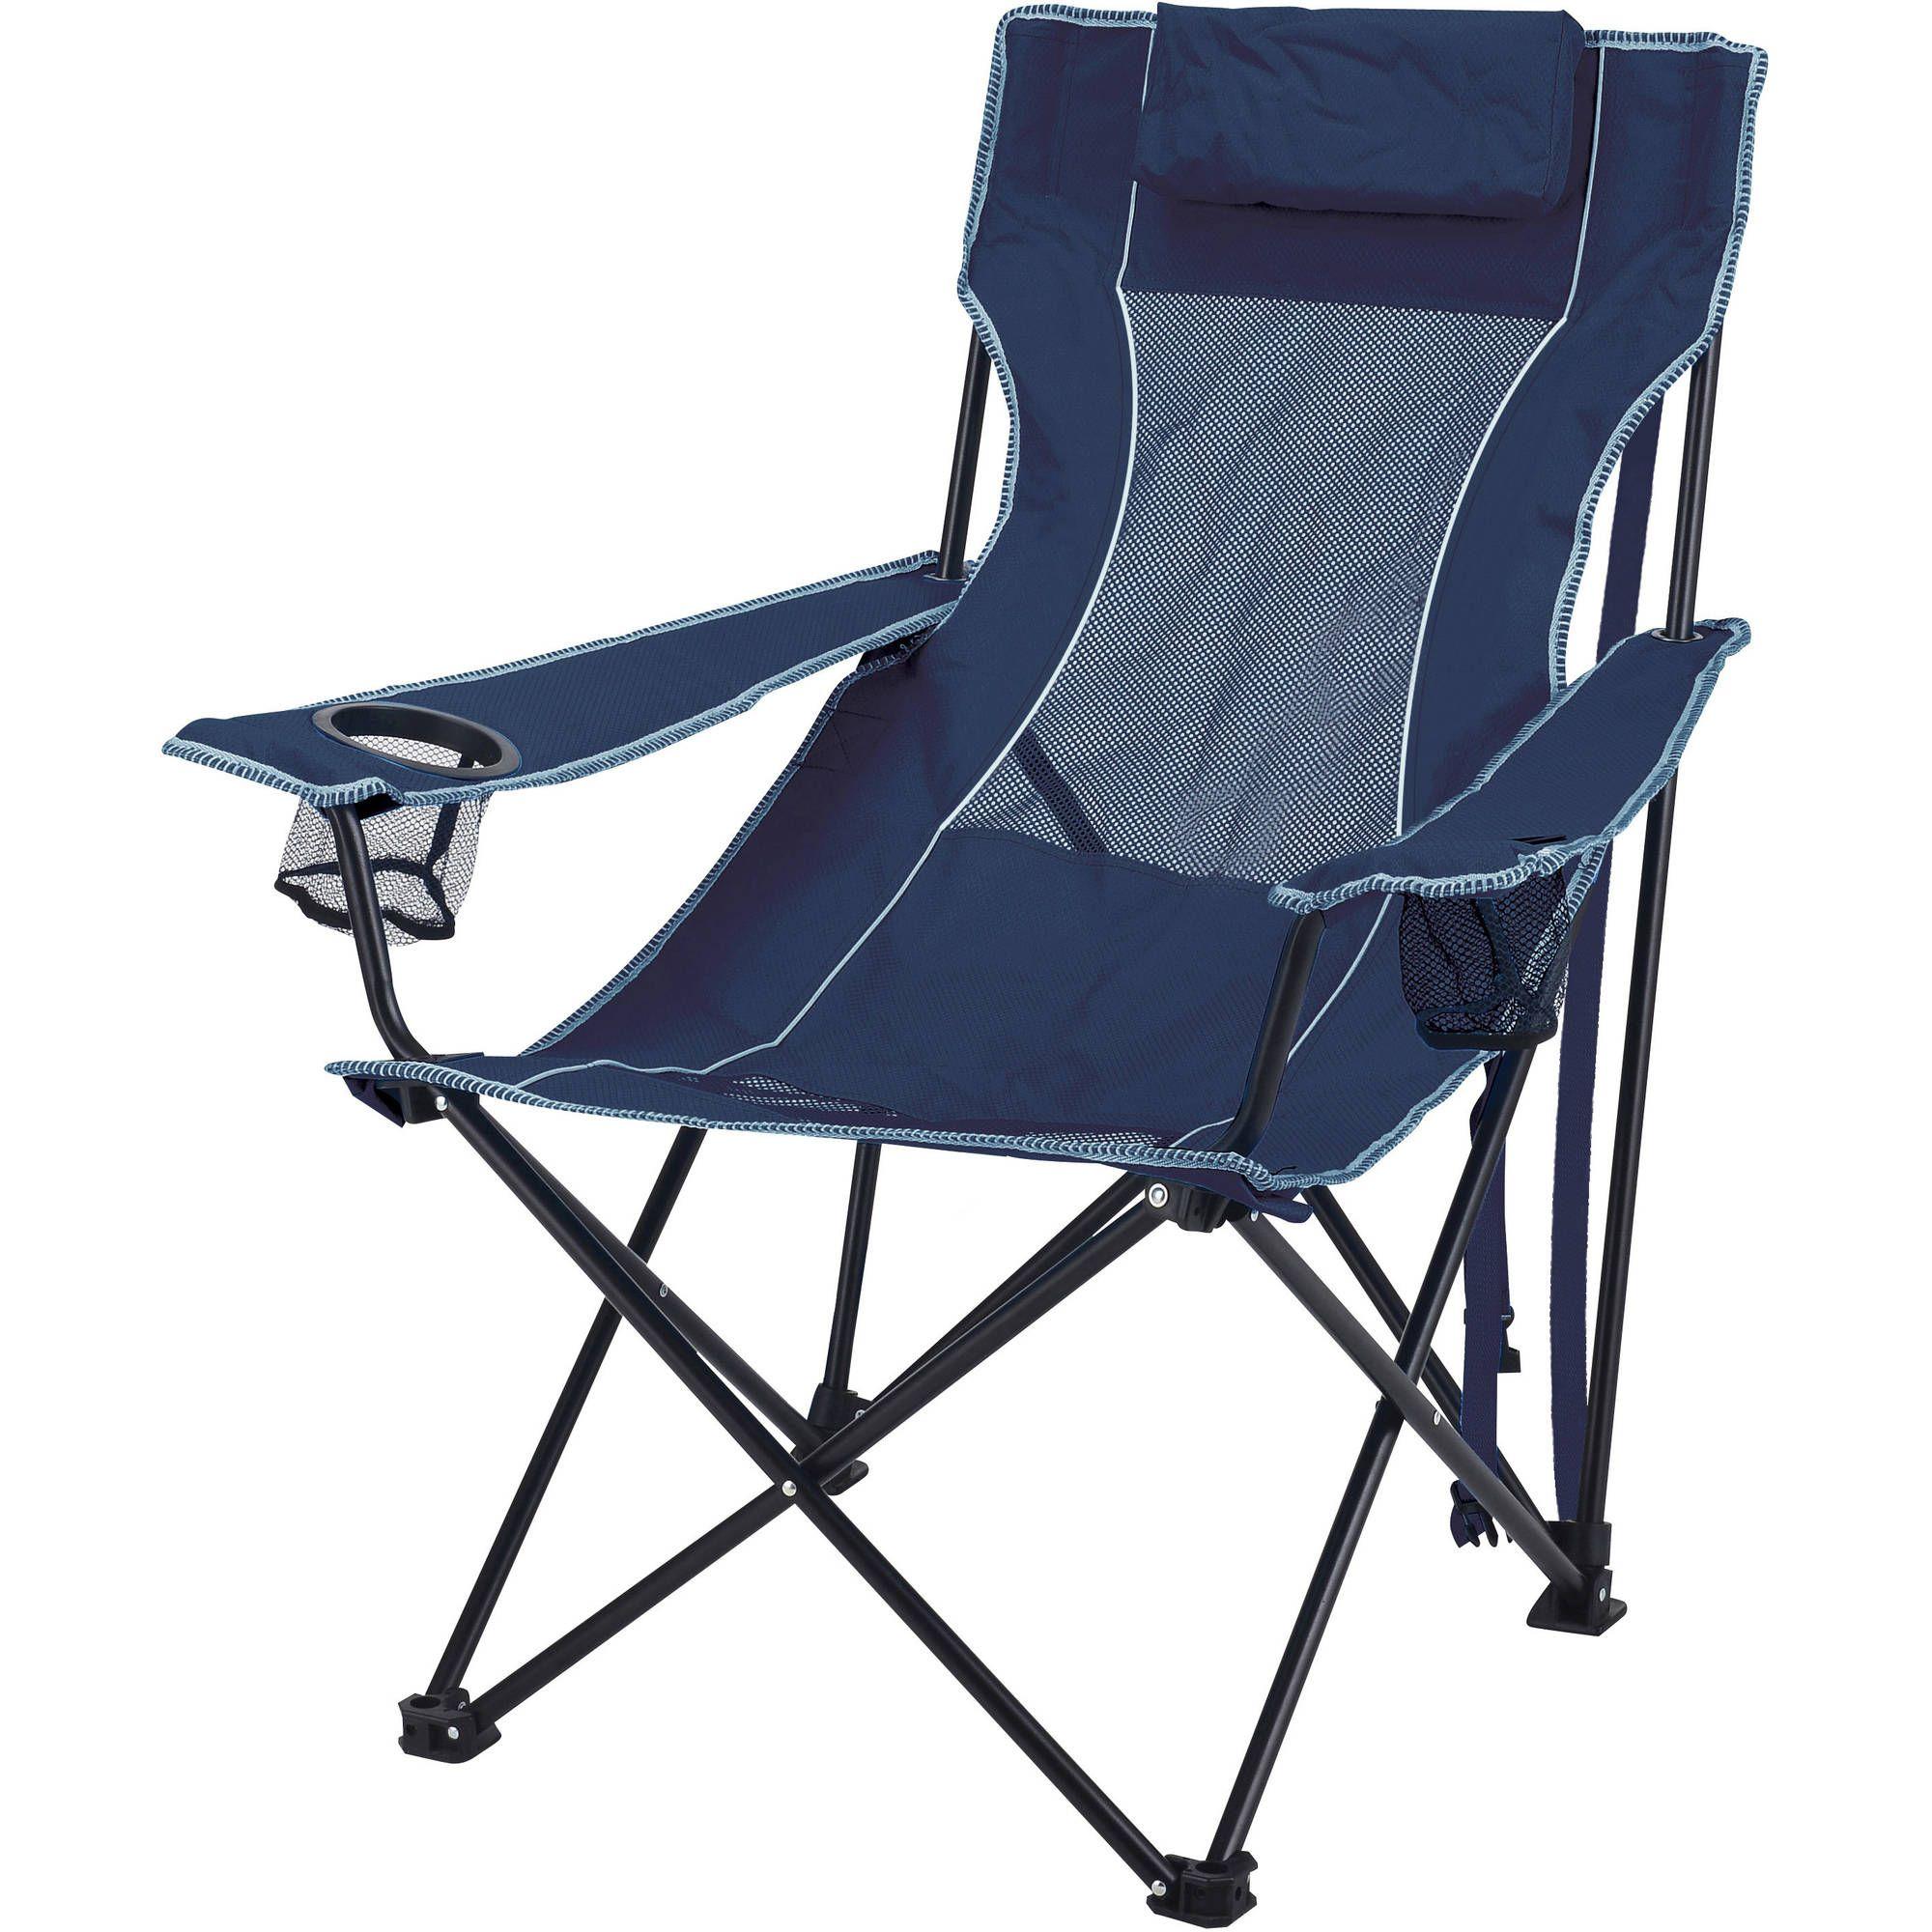 Liege Liegestuhl Lounger Liegestuhl Stellen Sie Eine Angenehme